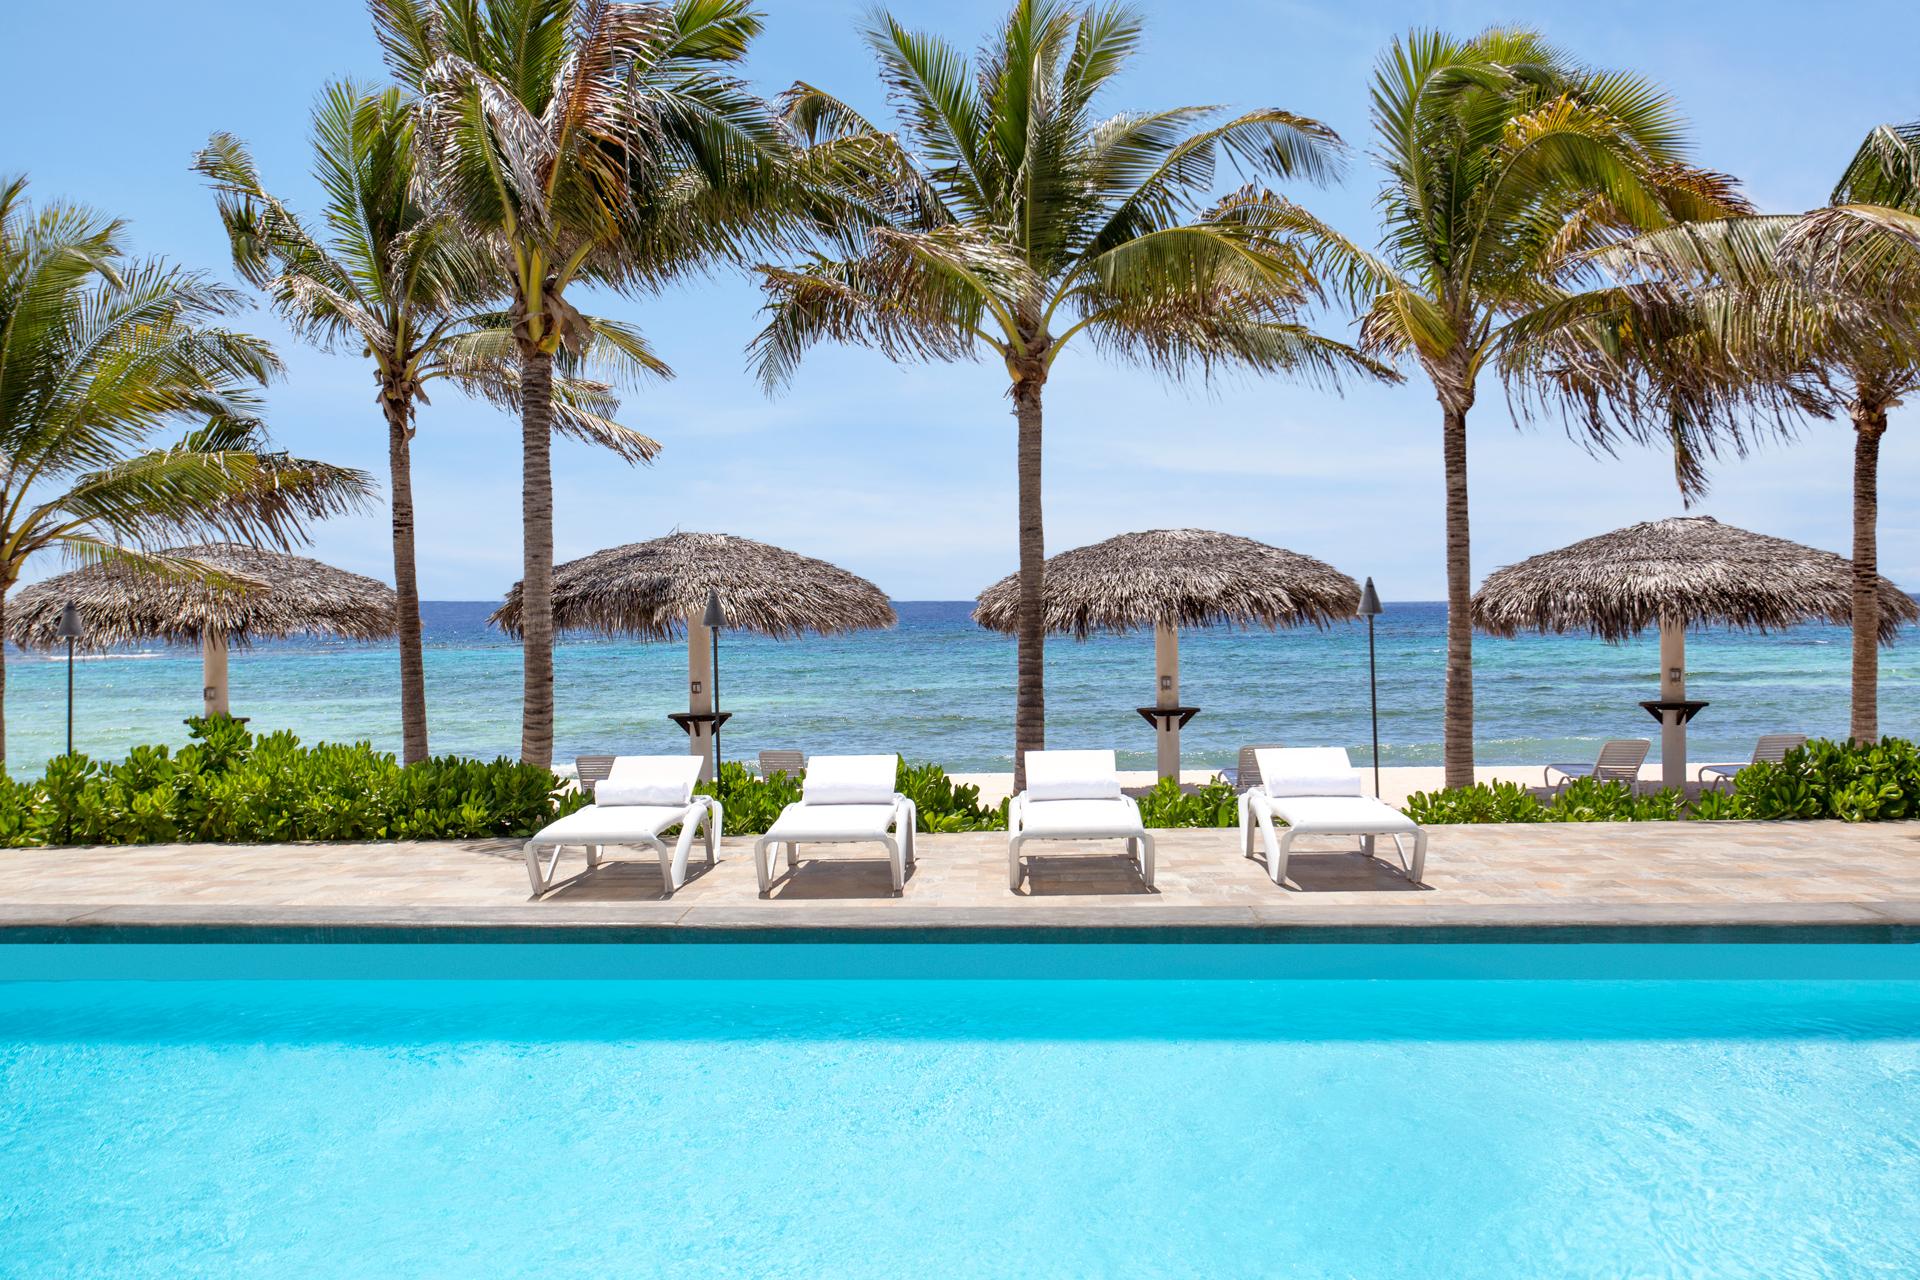 Hilton Portfolio Hotel Myrtle Beach